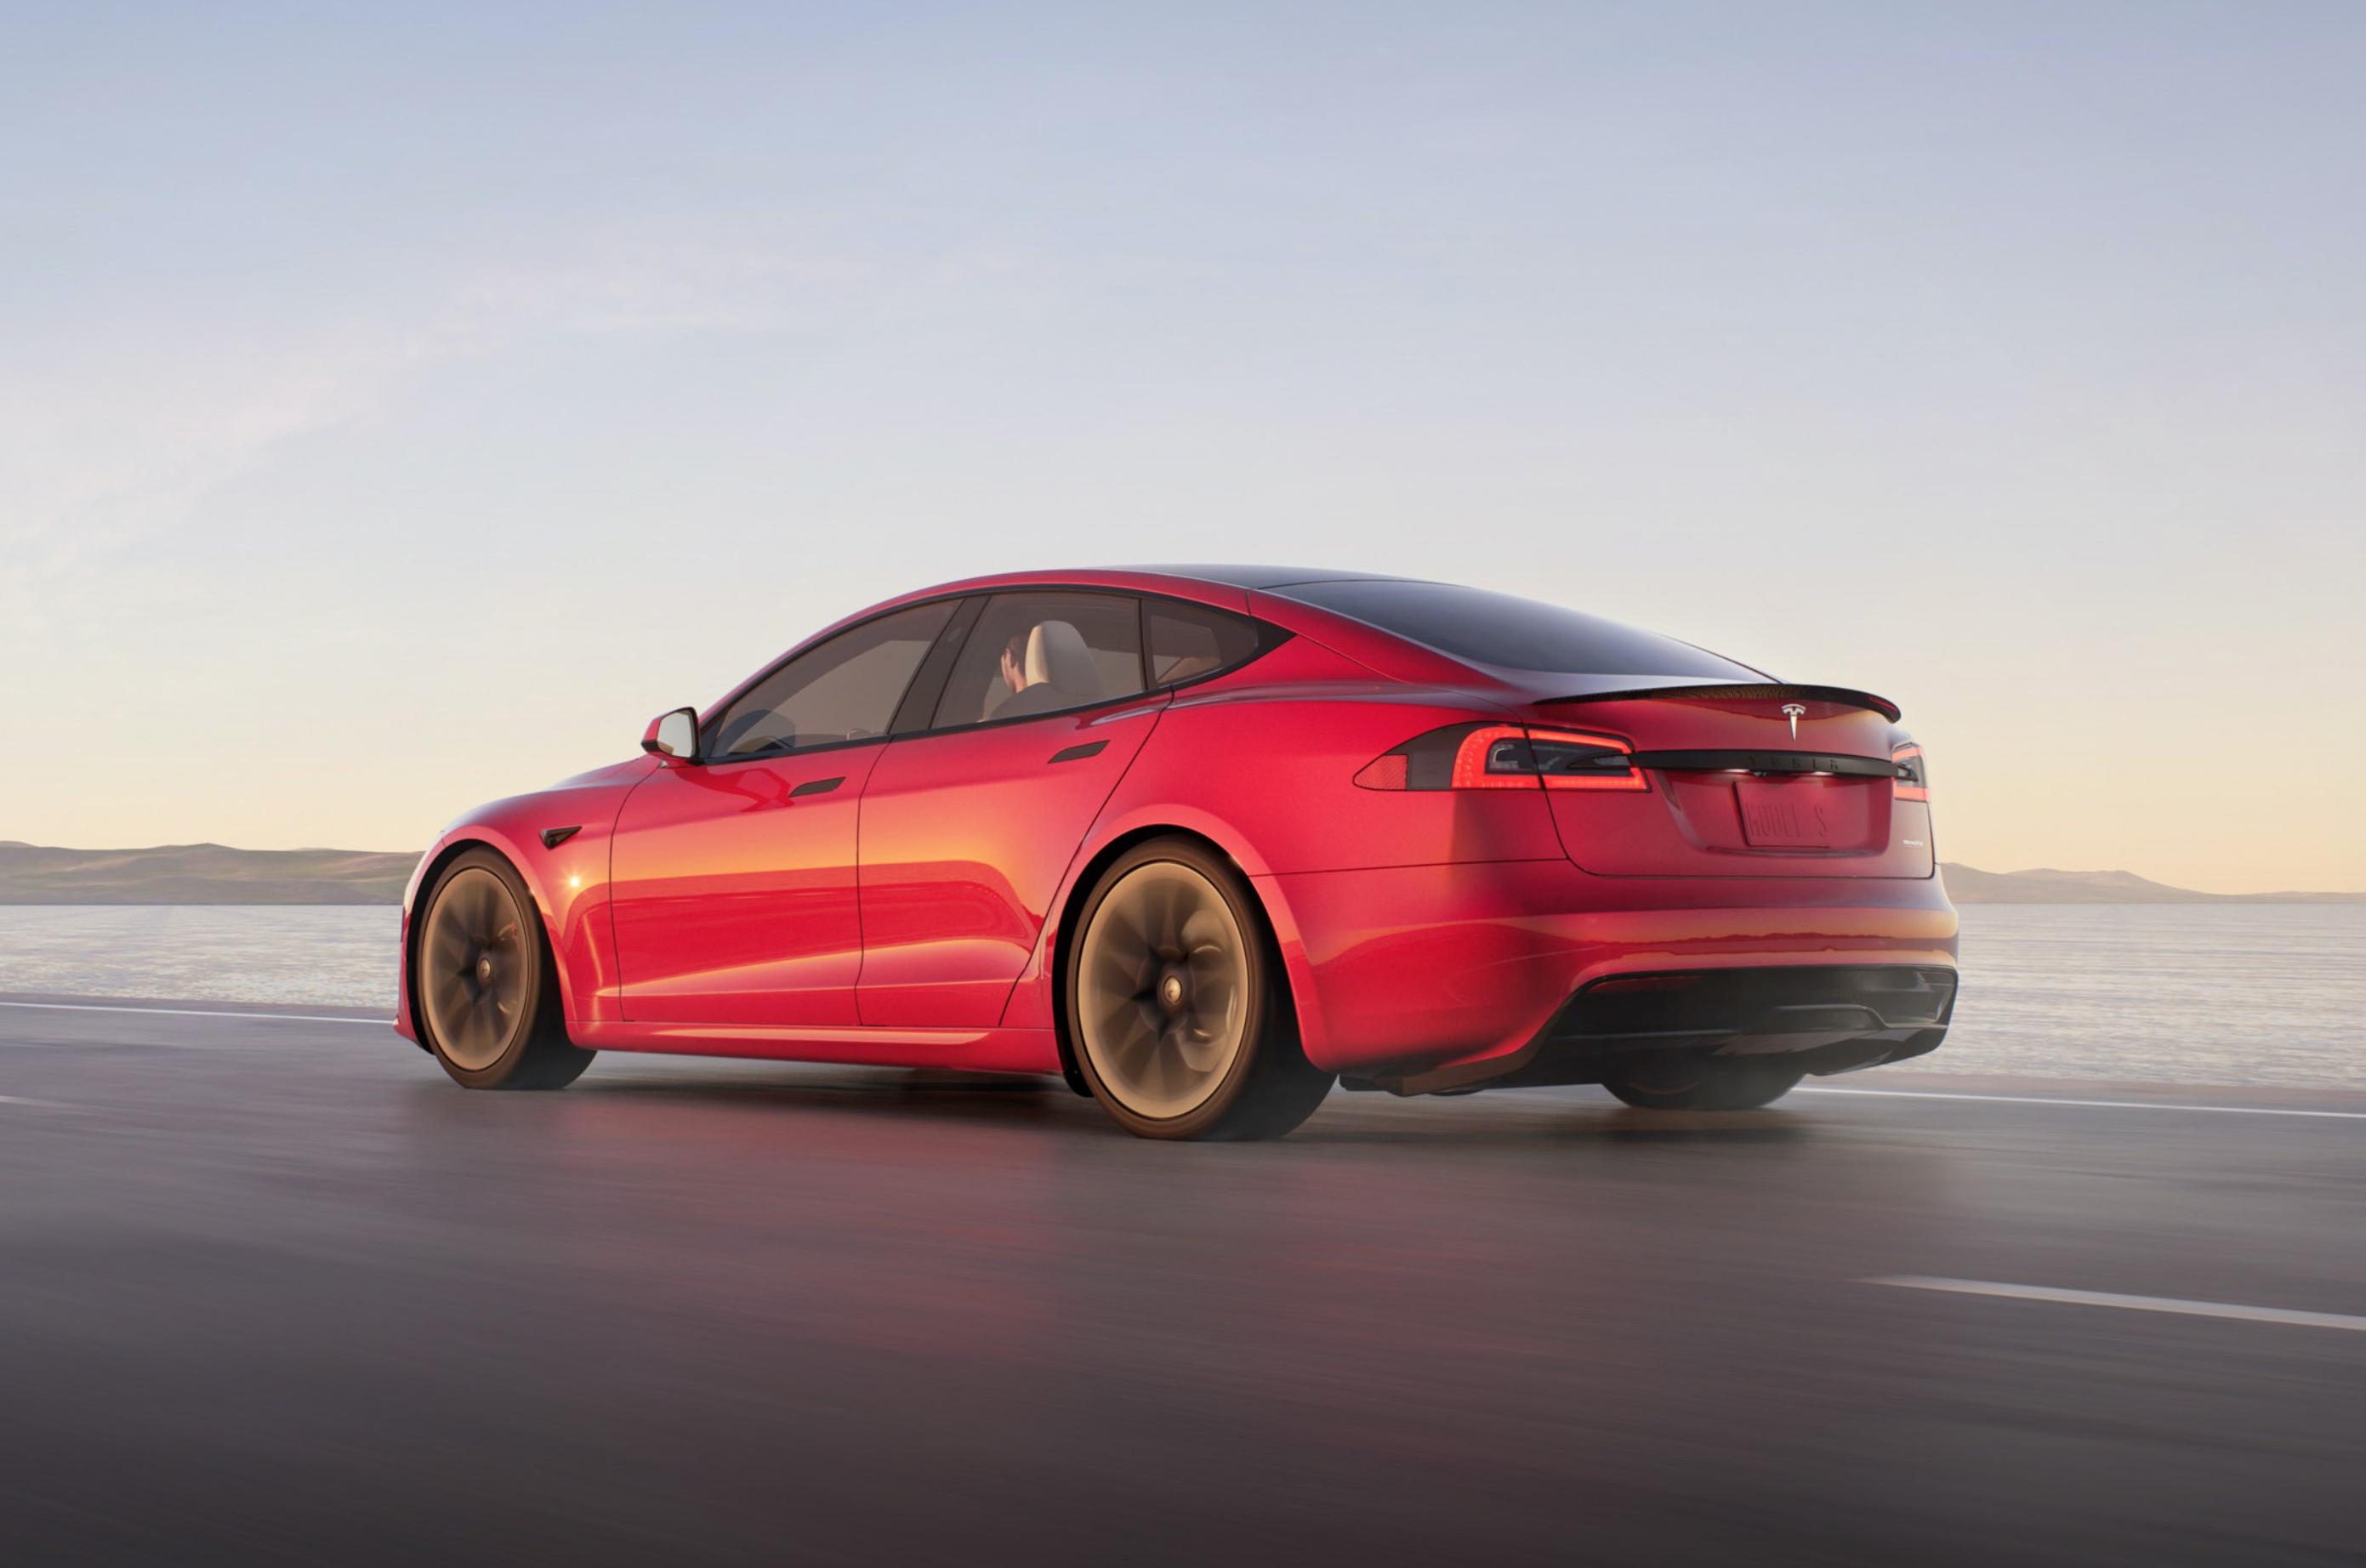 Илон Маск отменил выход Tesla Model S Plaid с запасом хода более 837 км и двигателем на 1100 л.с.